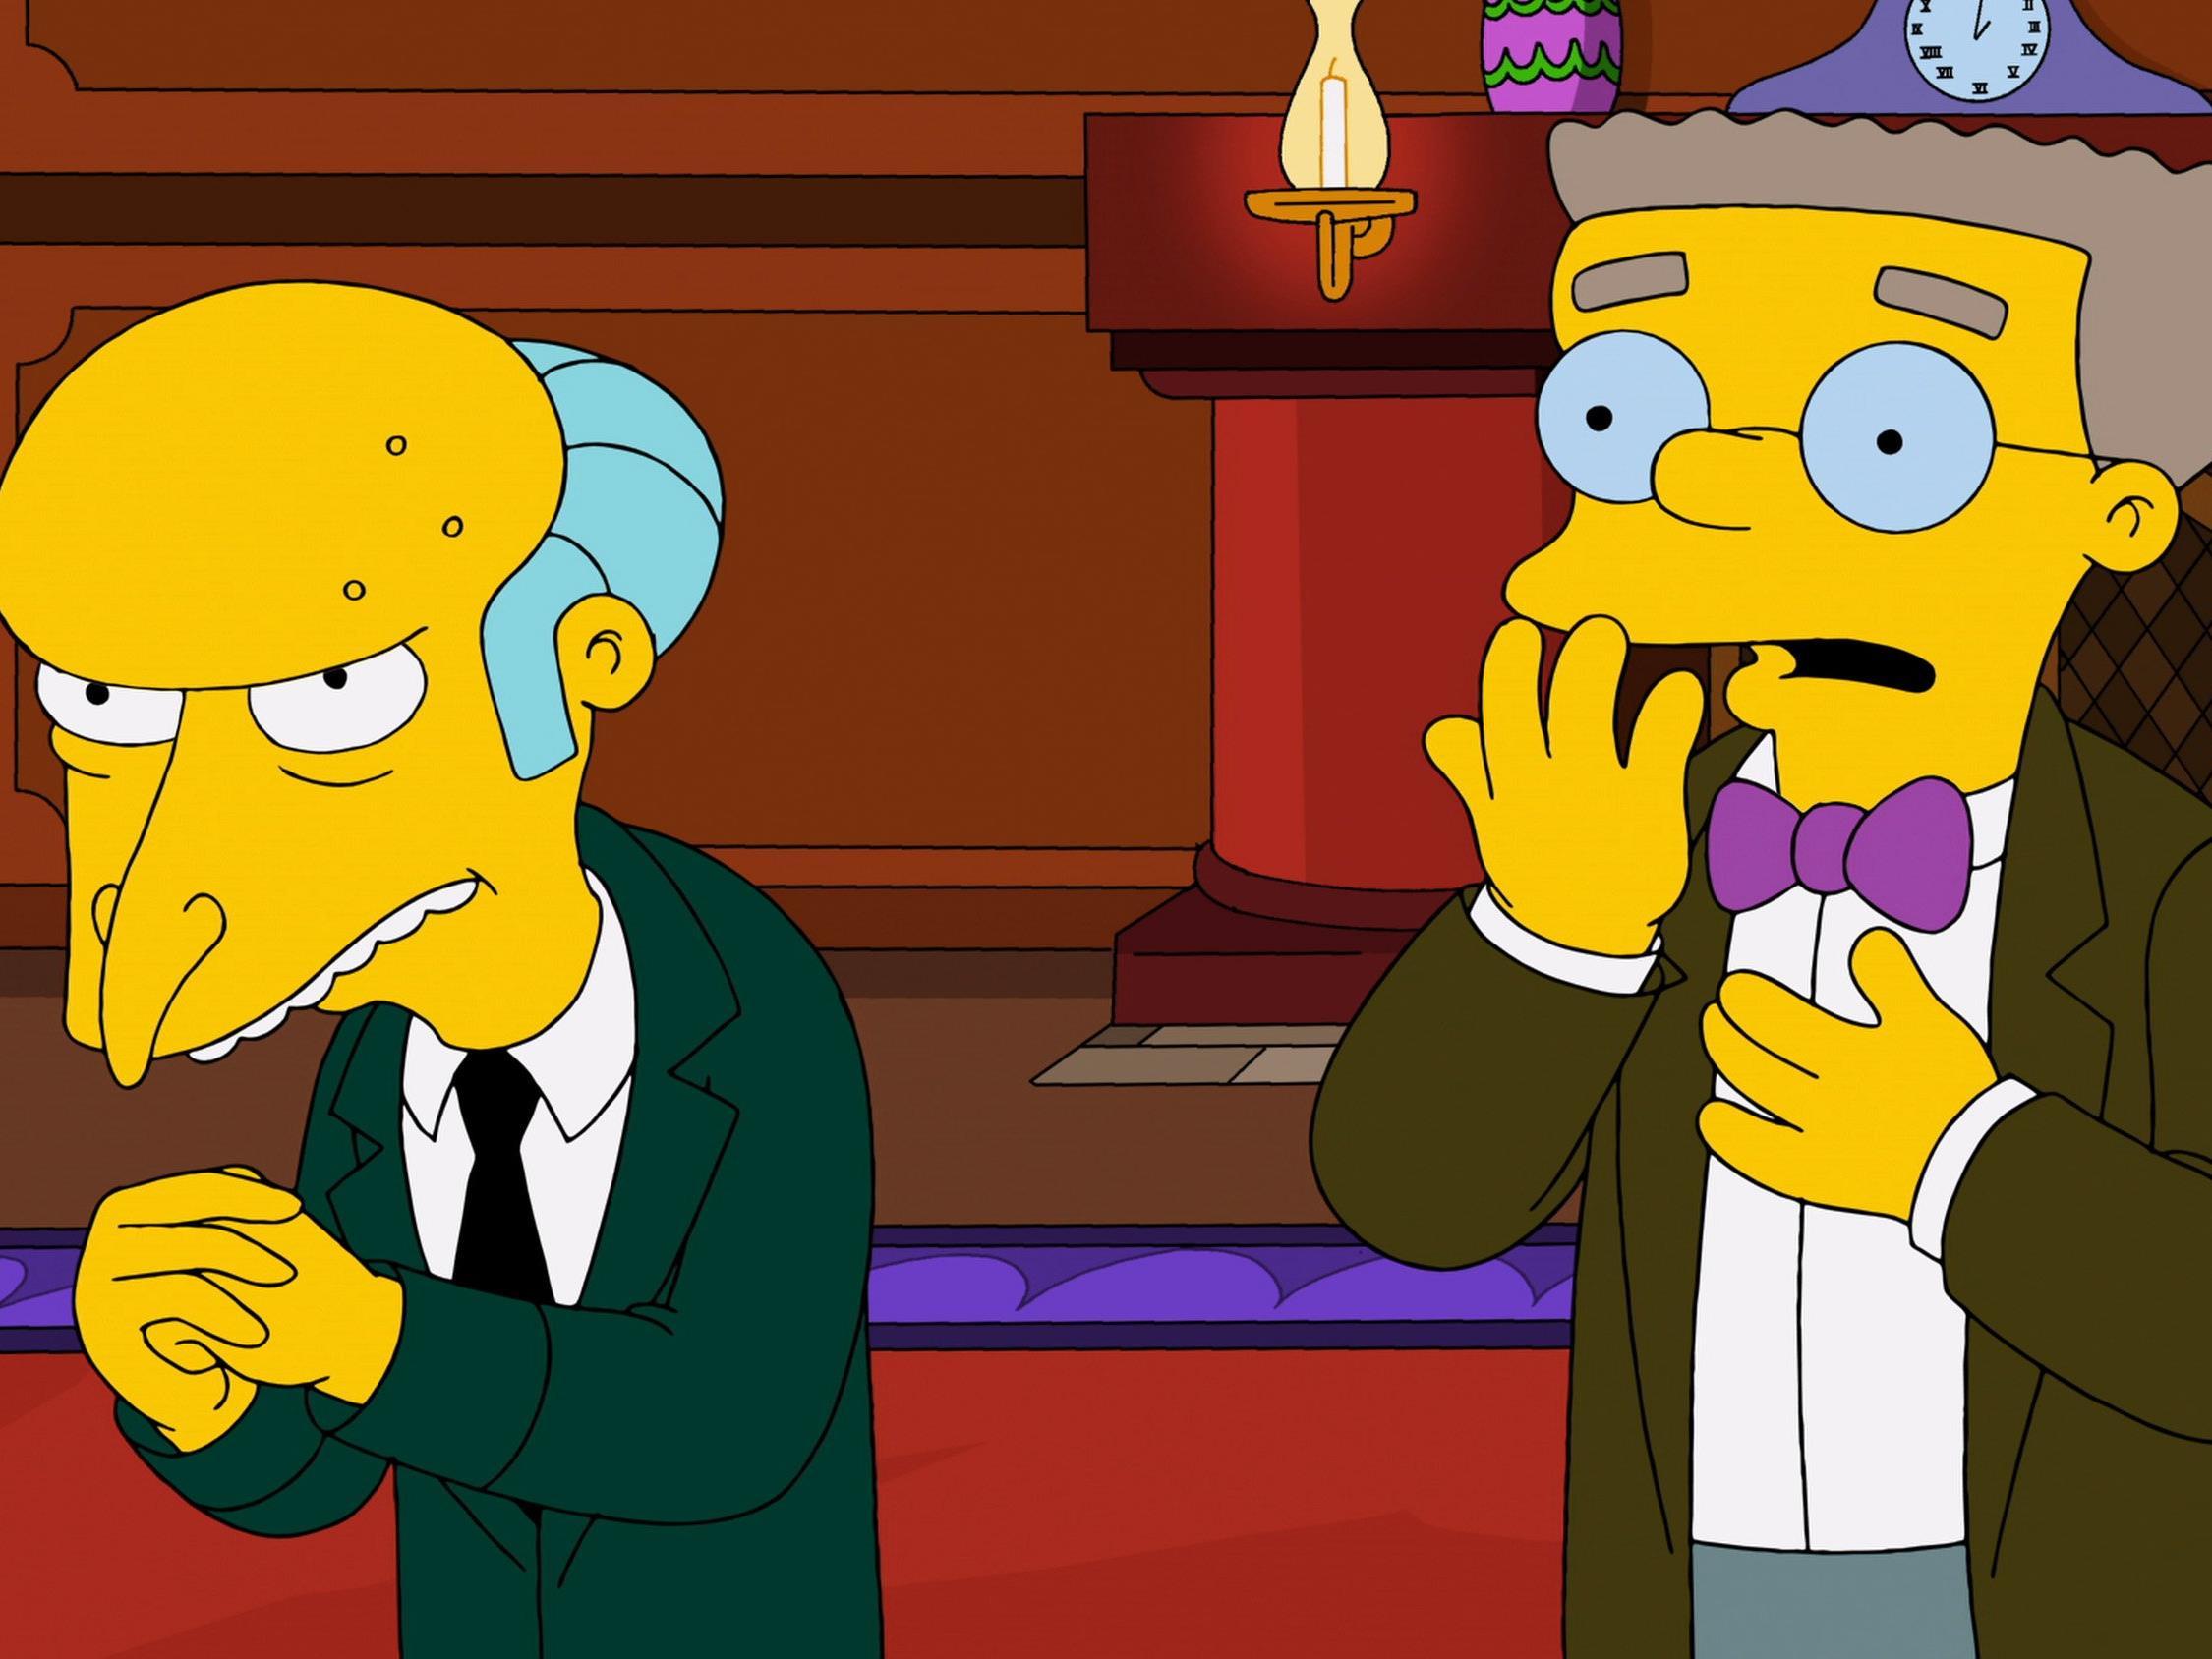 Was den Fans schon lange klar war, ist jetzt offiziell: Smithers outet sich als schwul.